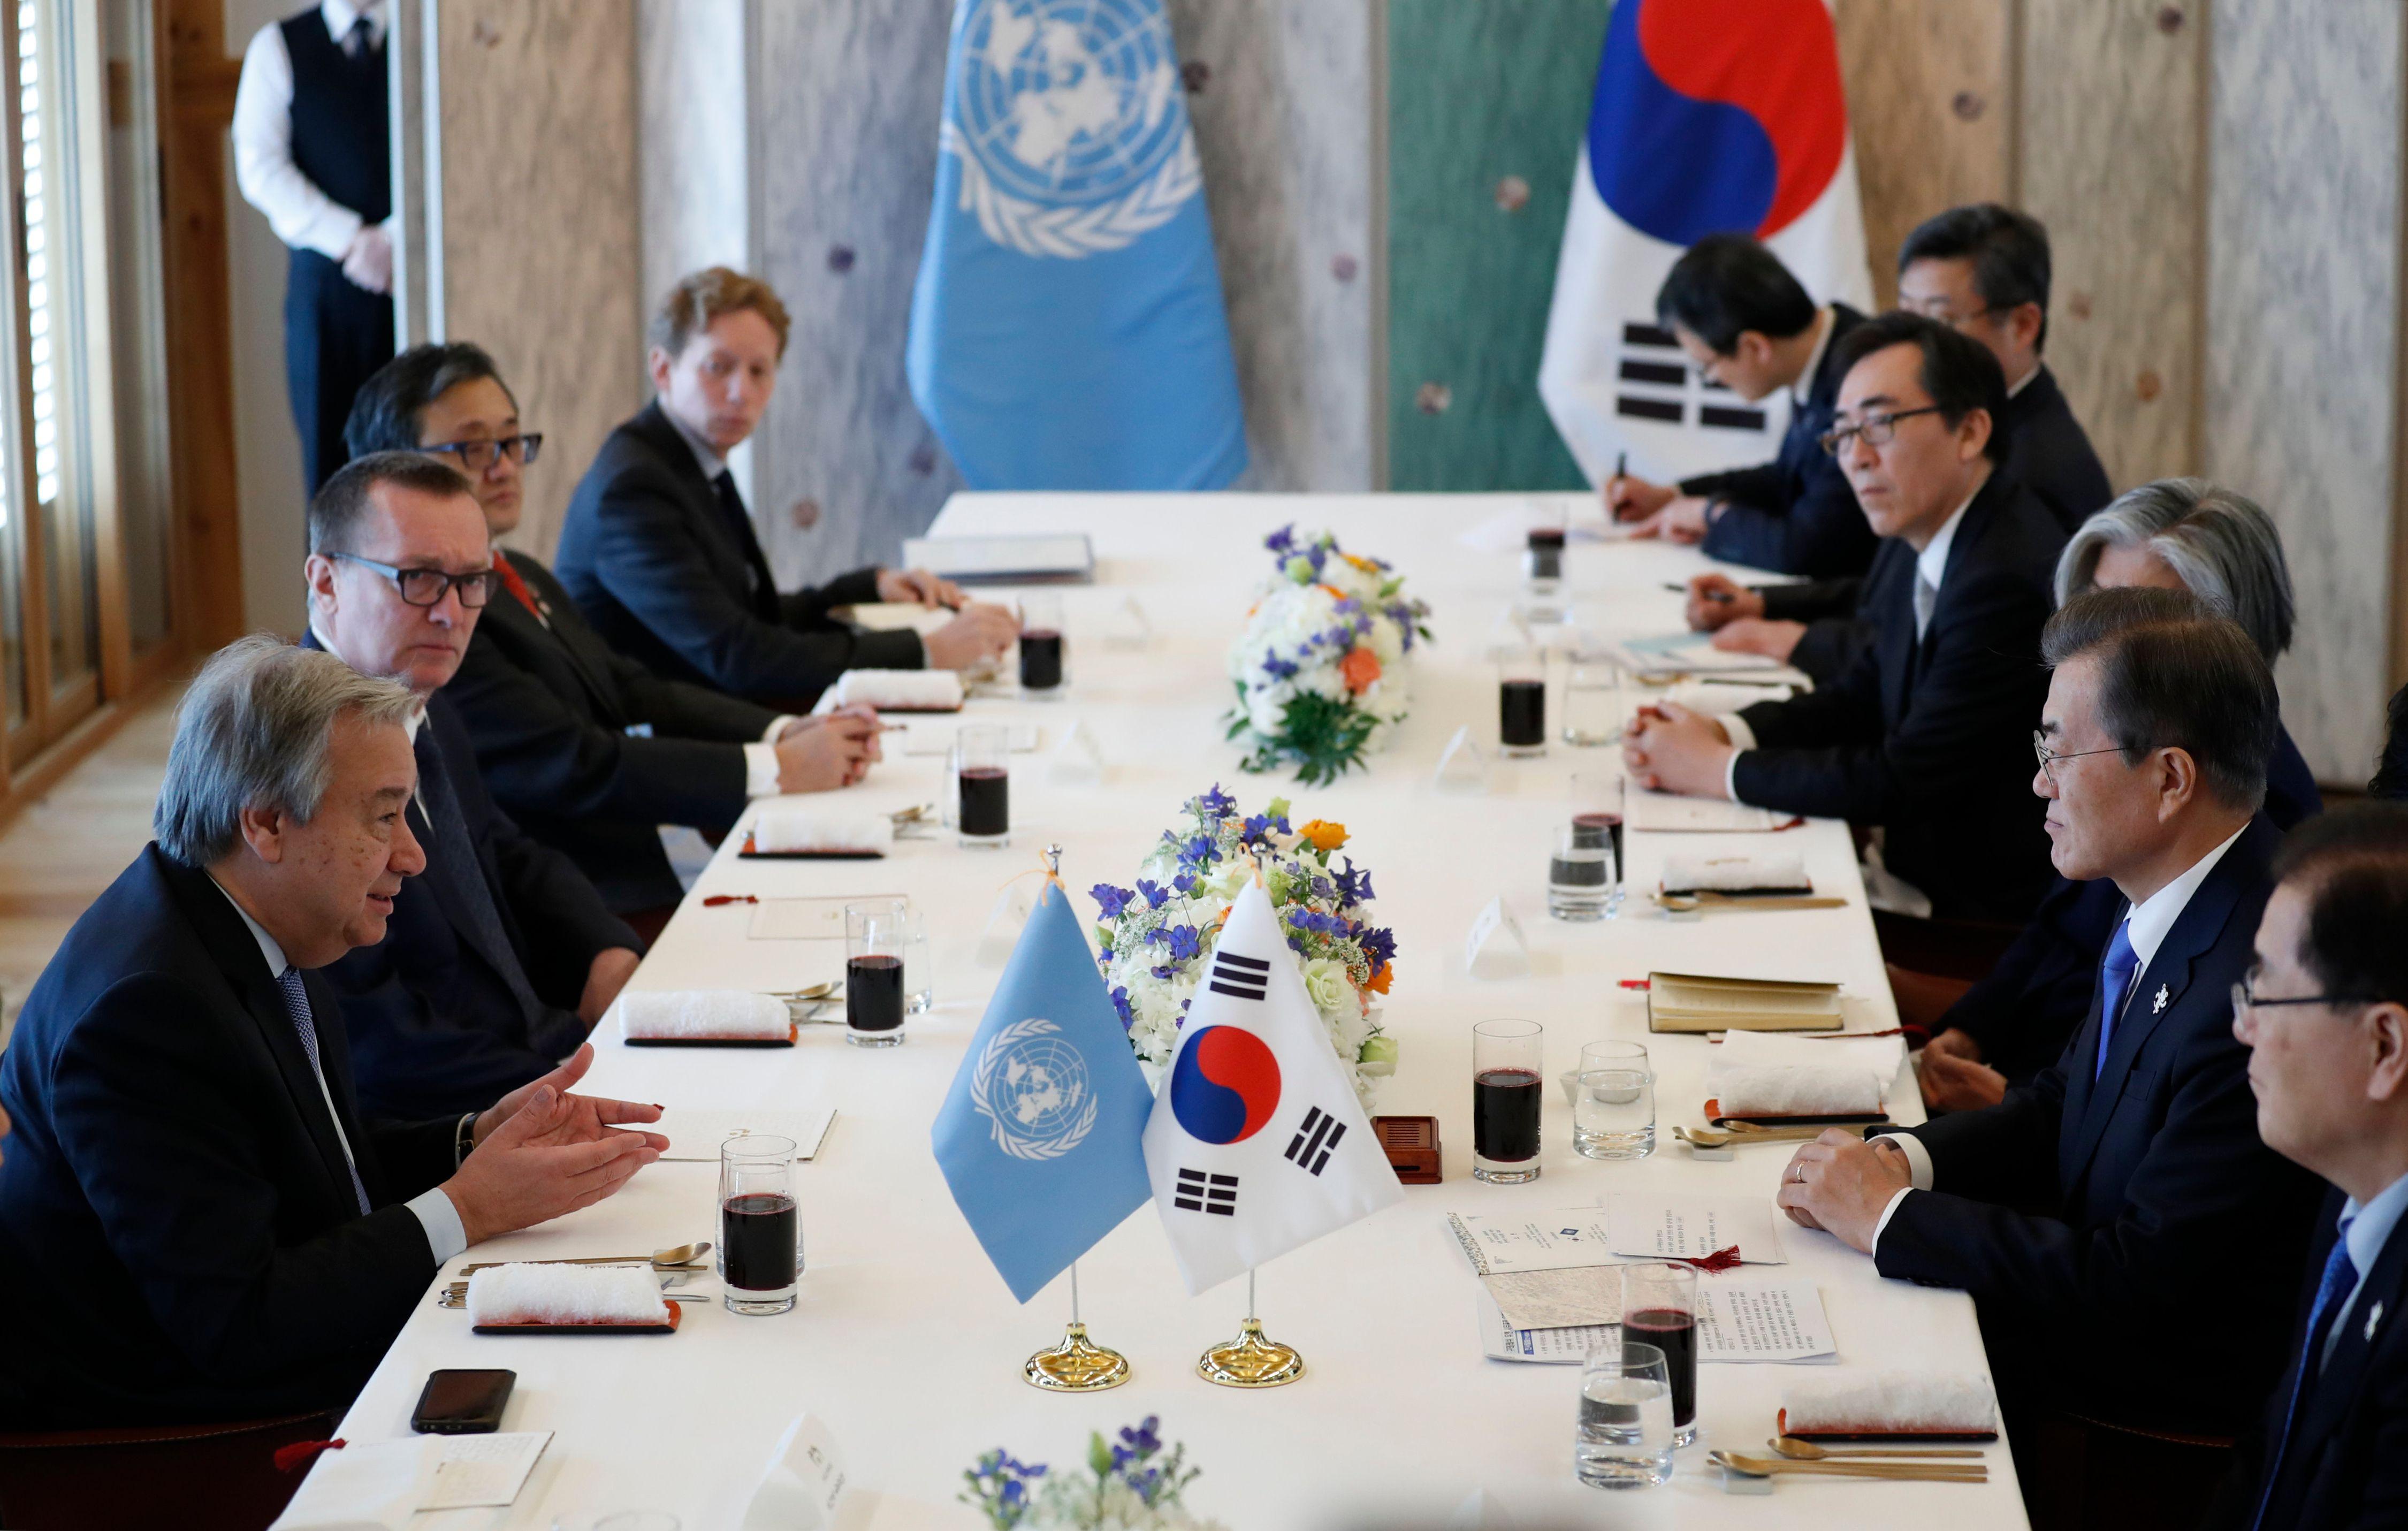 مباحثات بين رئيس كوريا الجنوبية وجوتيرس